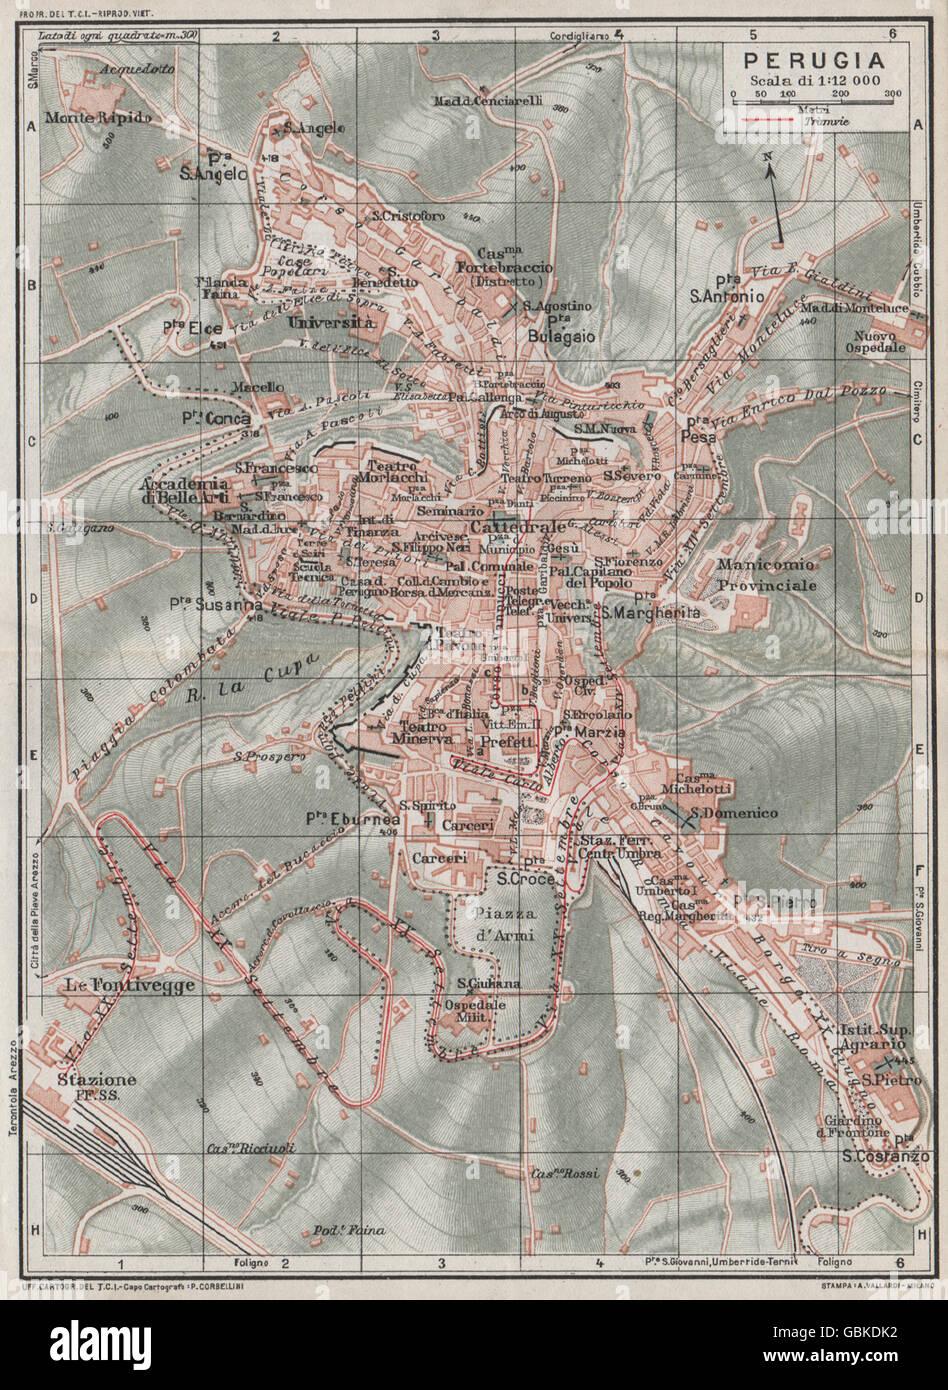 Perugia Vintage Town City Map Plan Italy 1924 Stock Photo